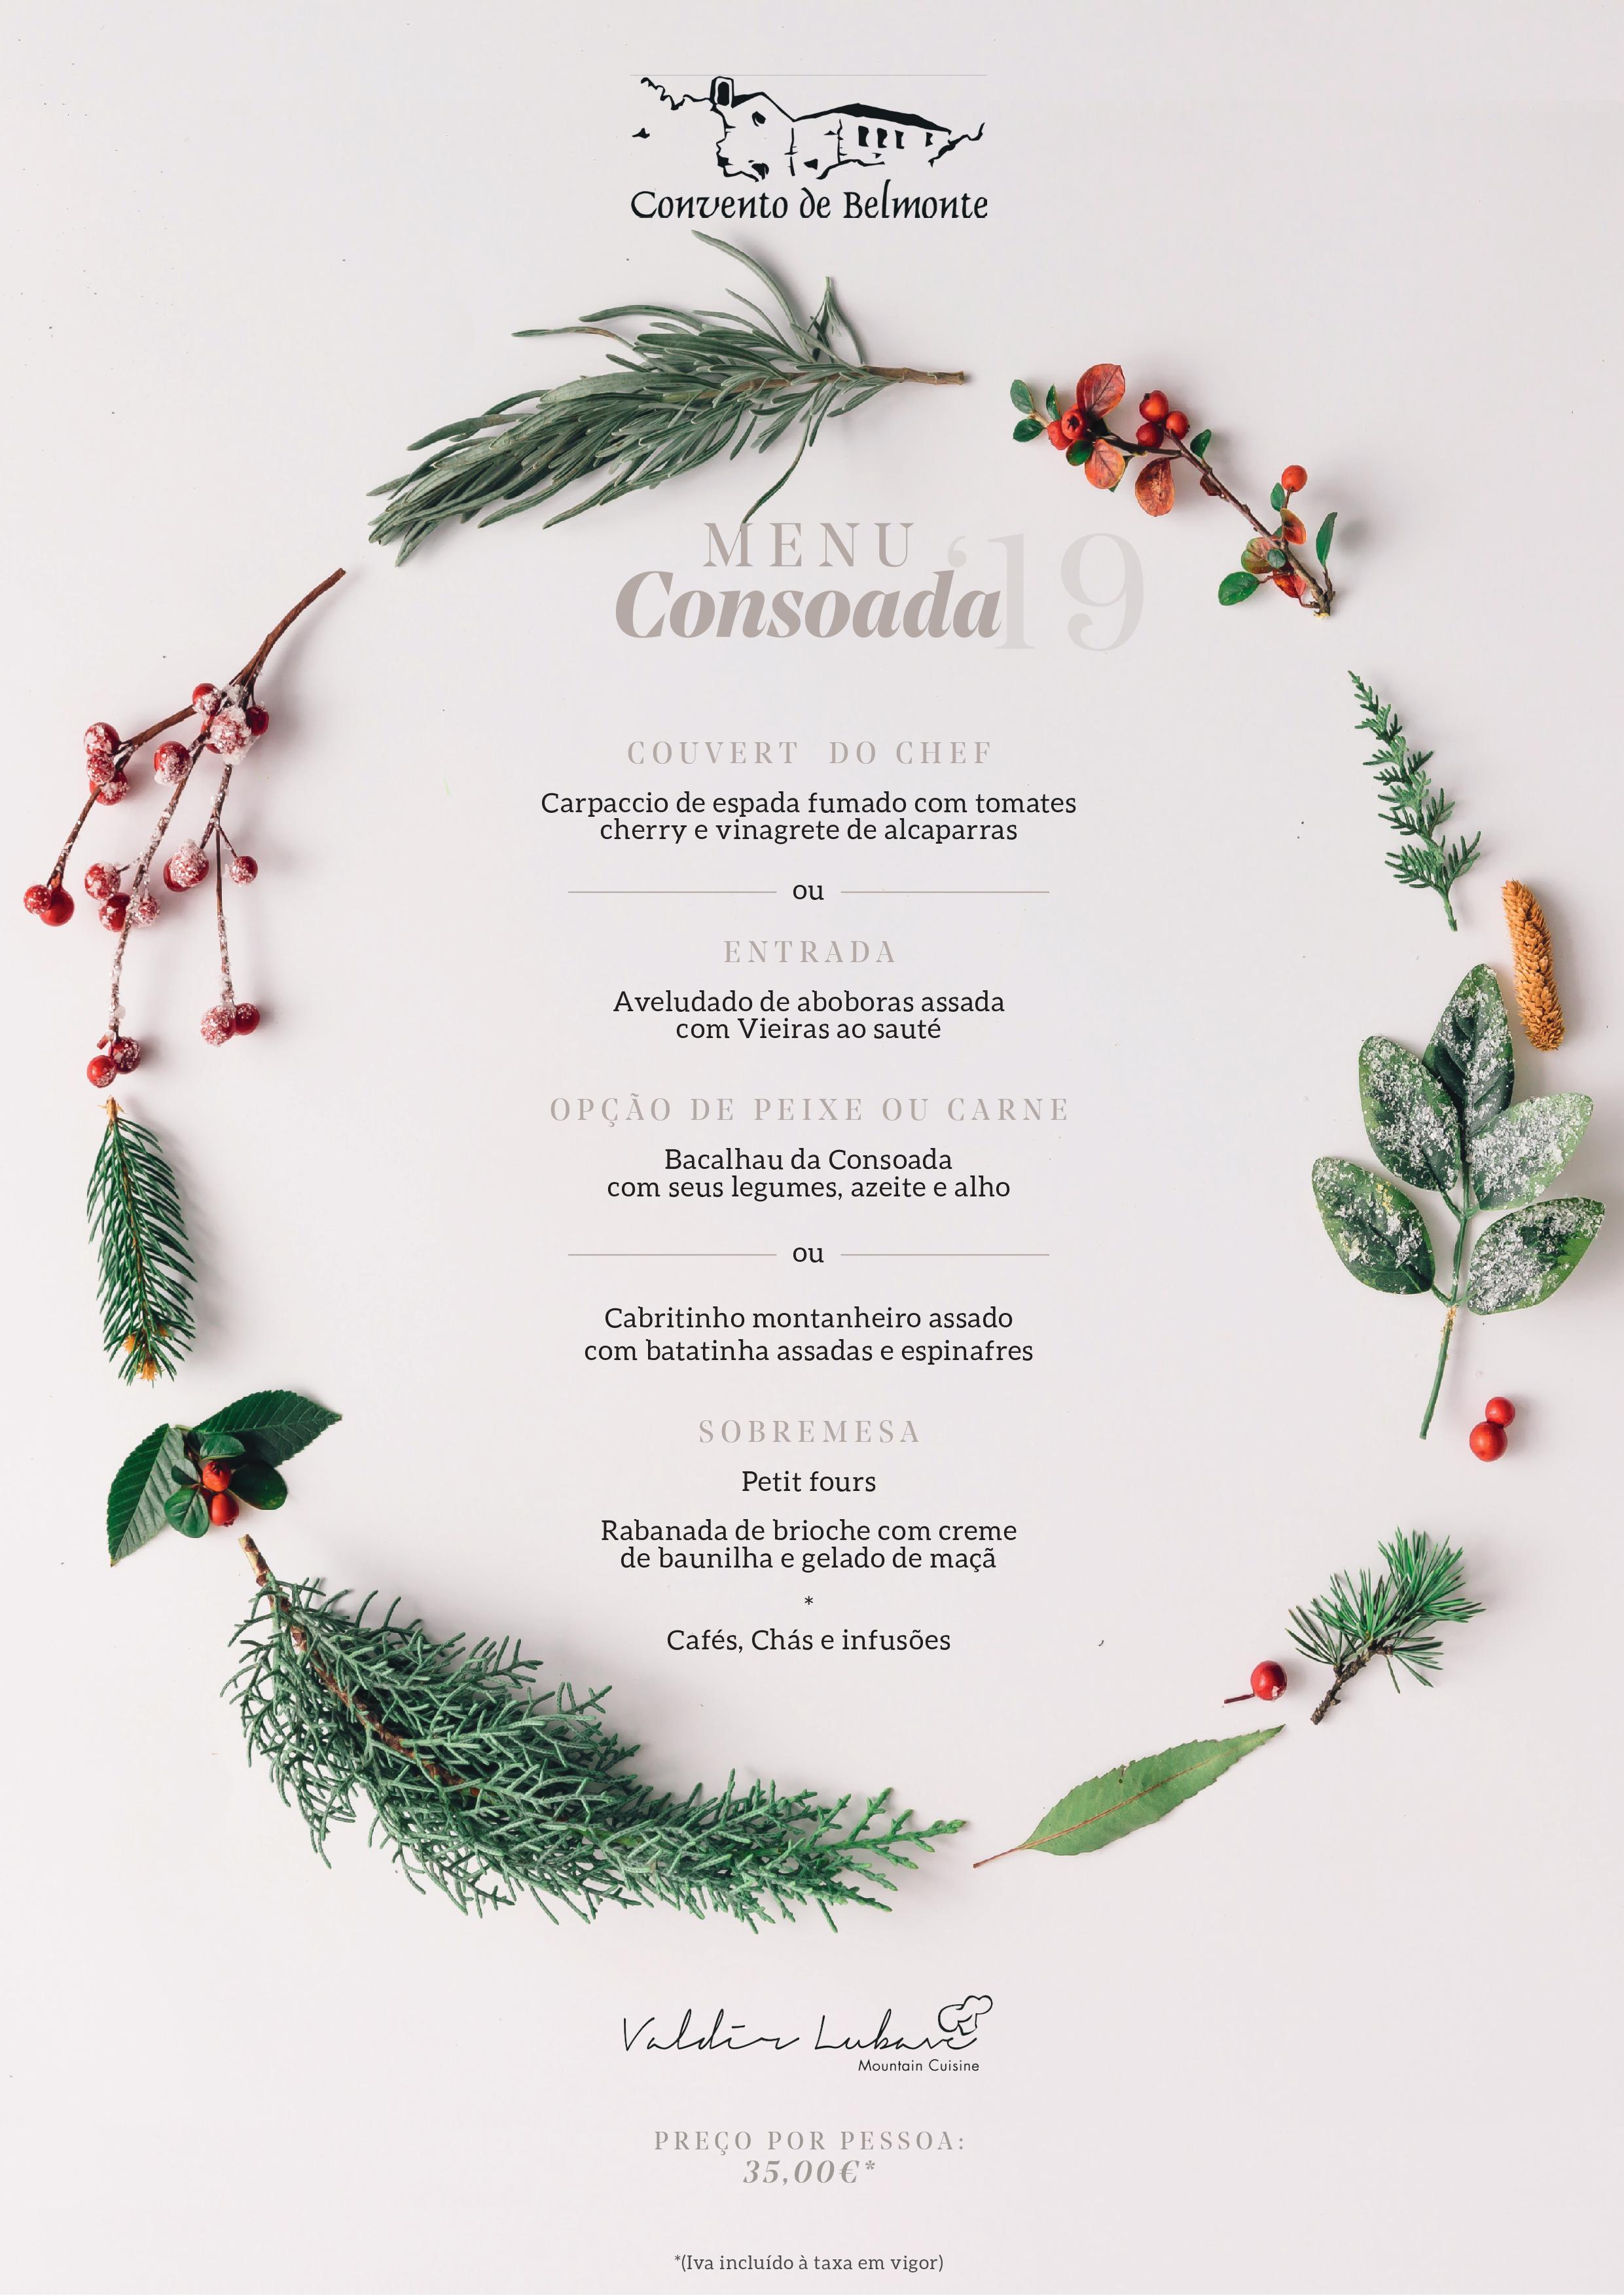 menu-consoada-2019-convento-belmonte